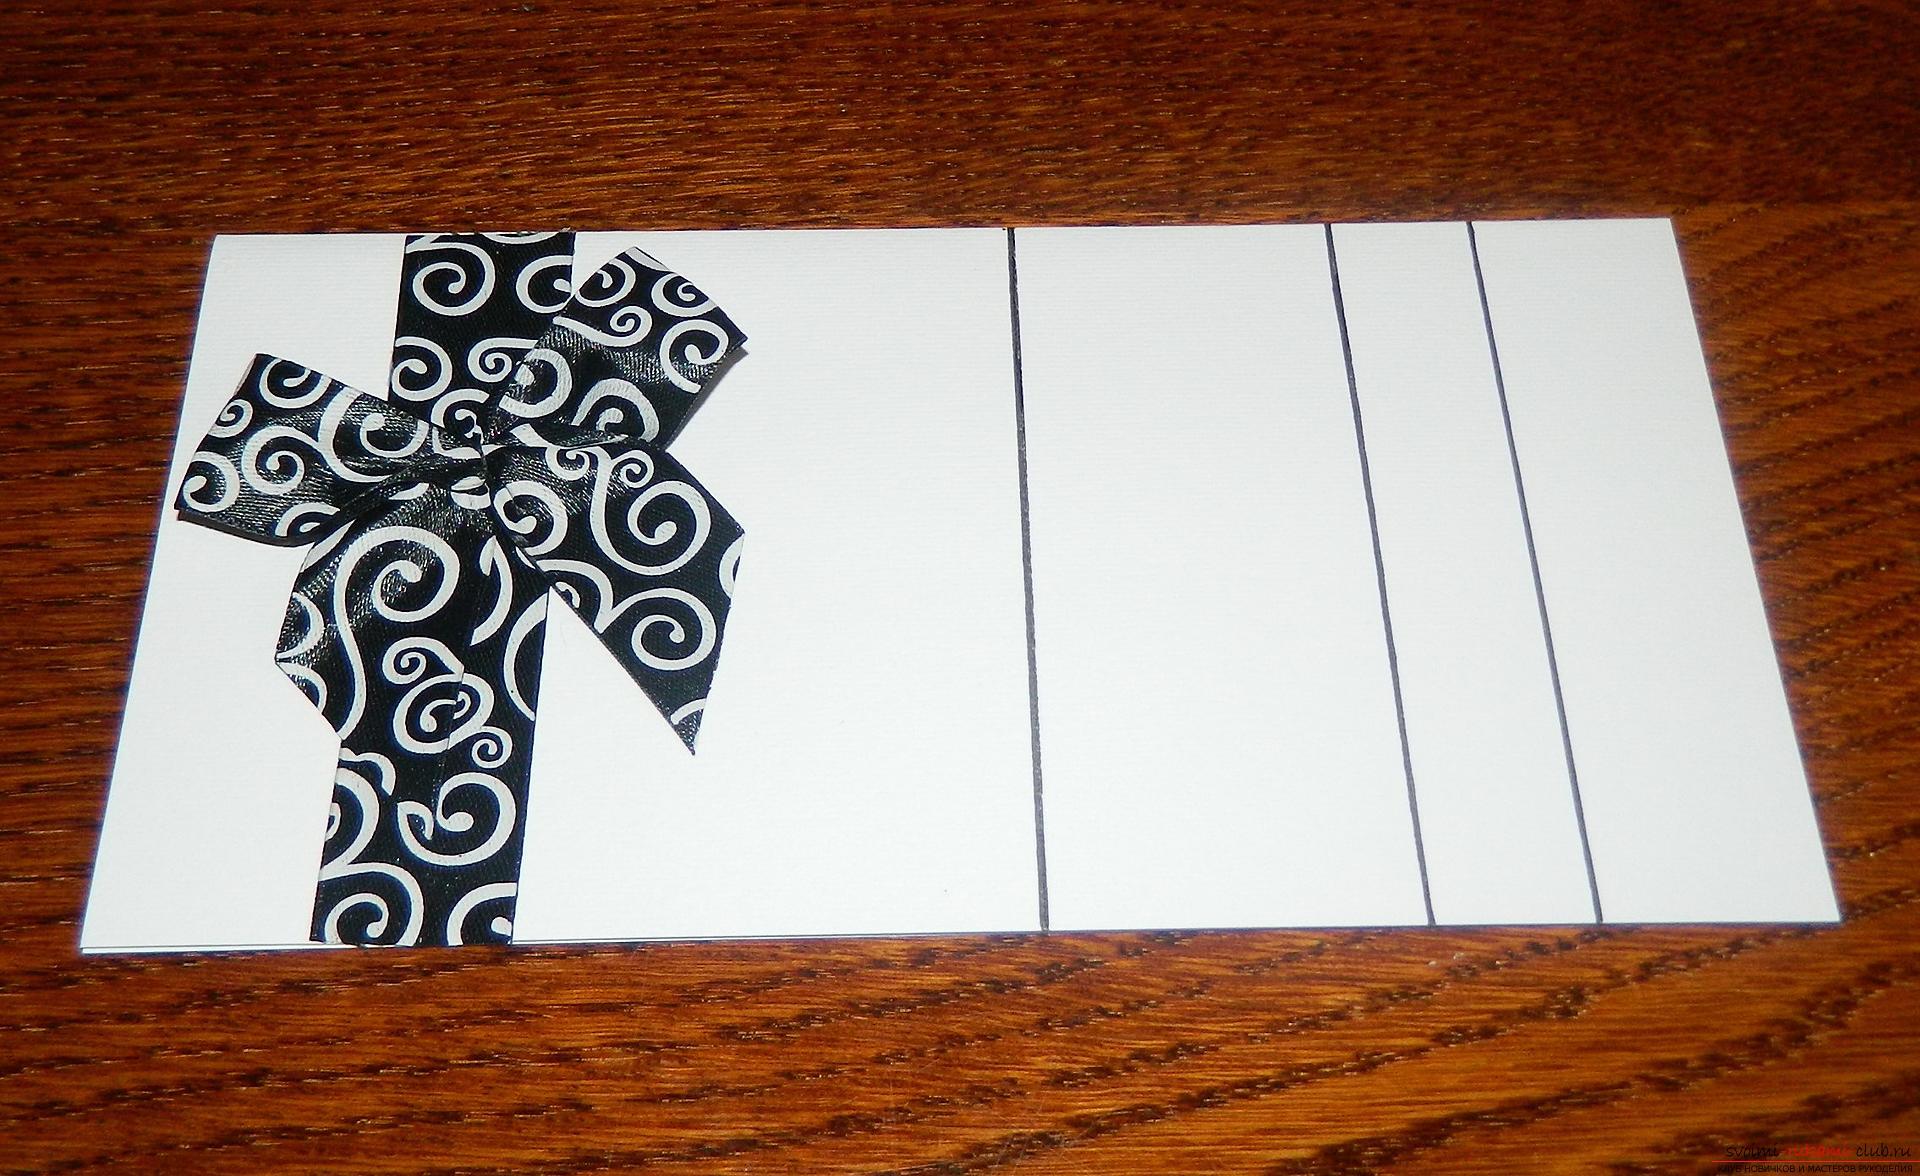 Этот мастер-класс покажет как сделать красивые открытки своими руками.. Фото №5